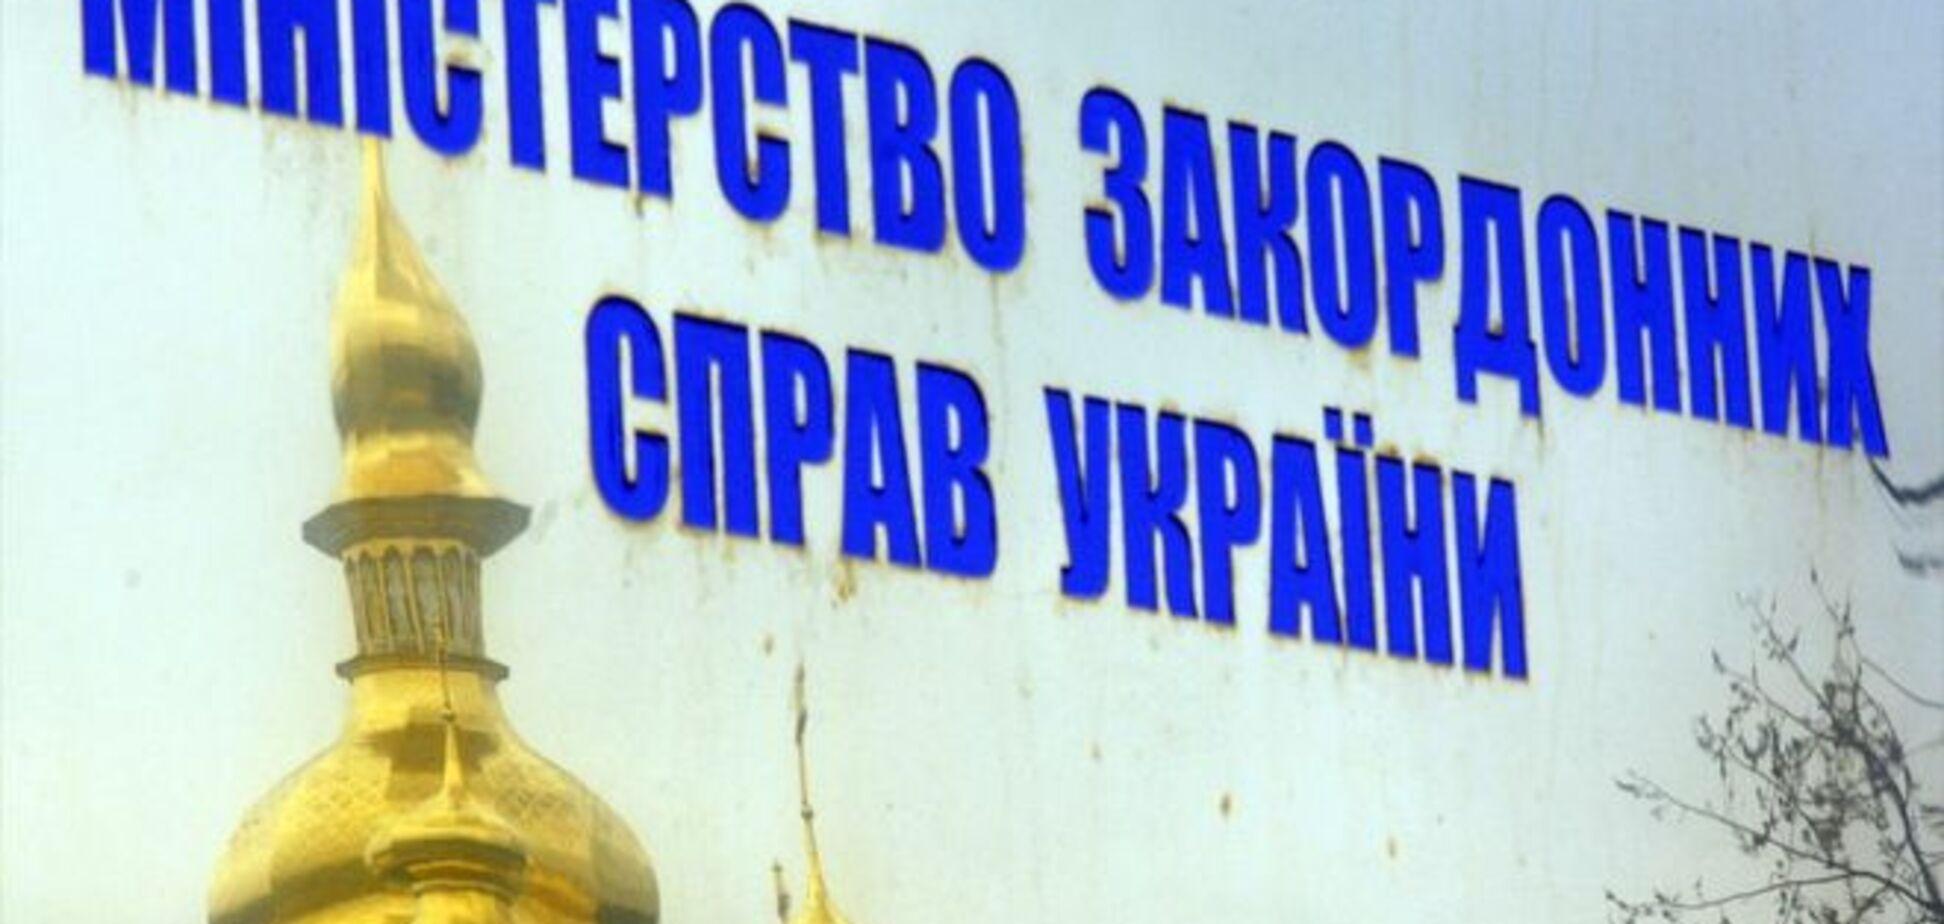 Депортація: МЗС України викликало консула Росії 'на килим'